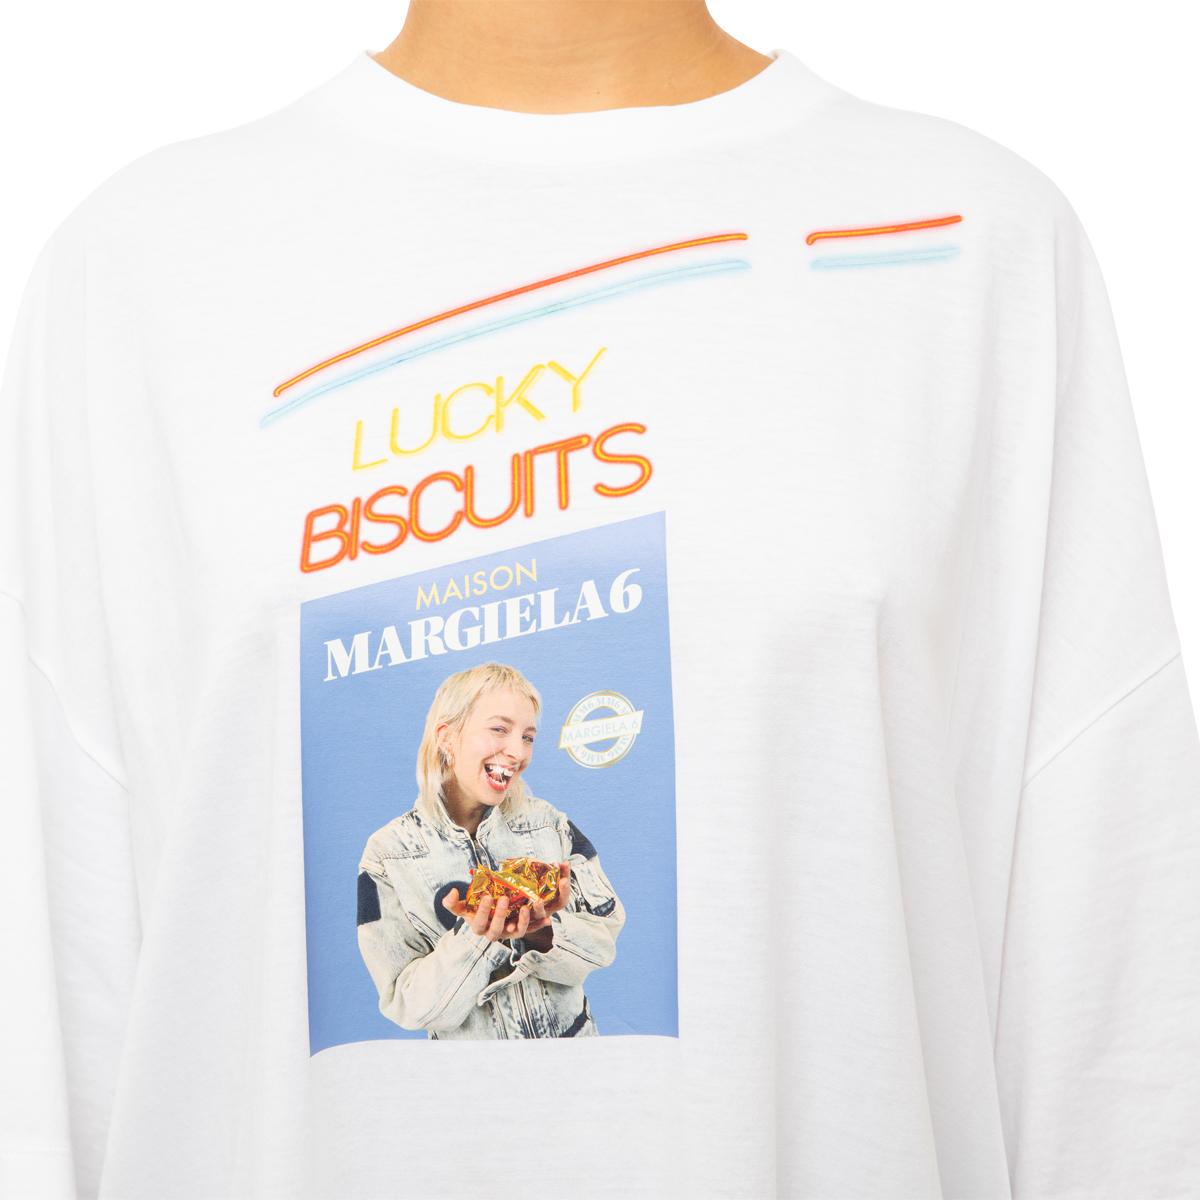 MM6 Maison Margiela Lucky Bisquits T-Shirt